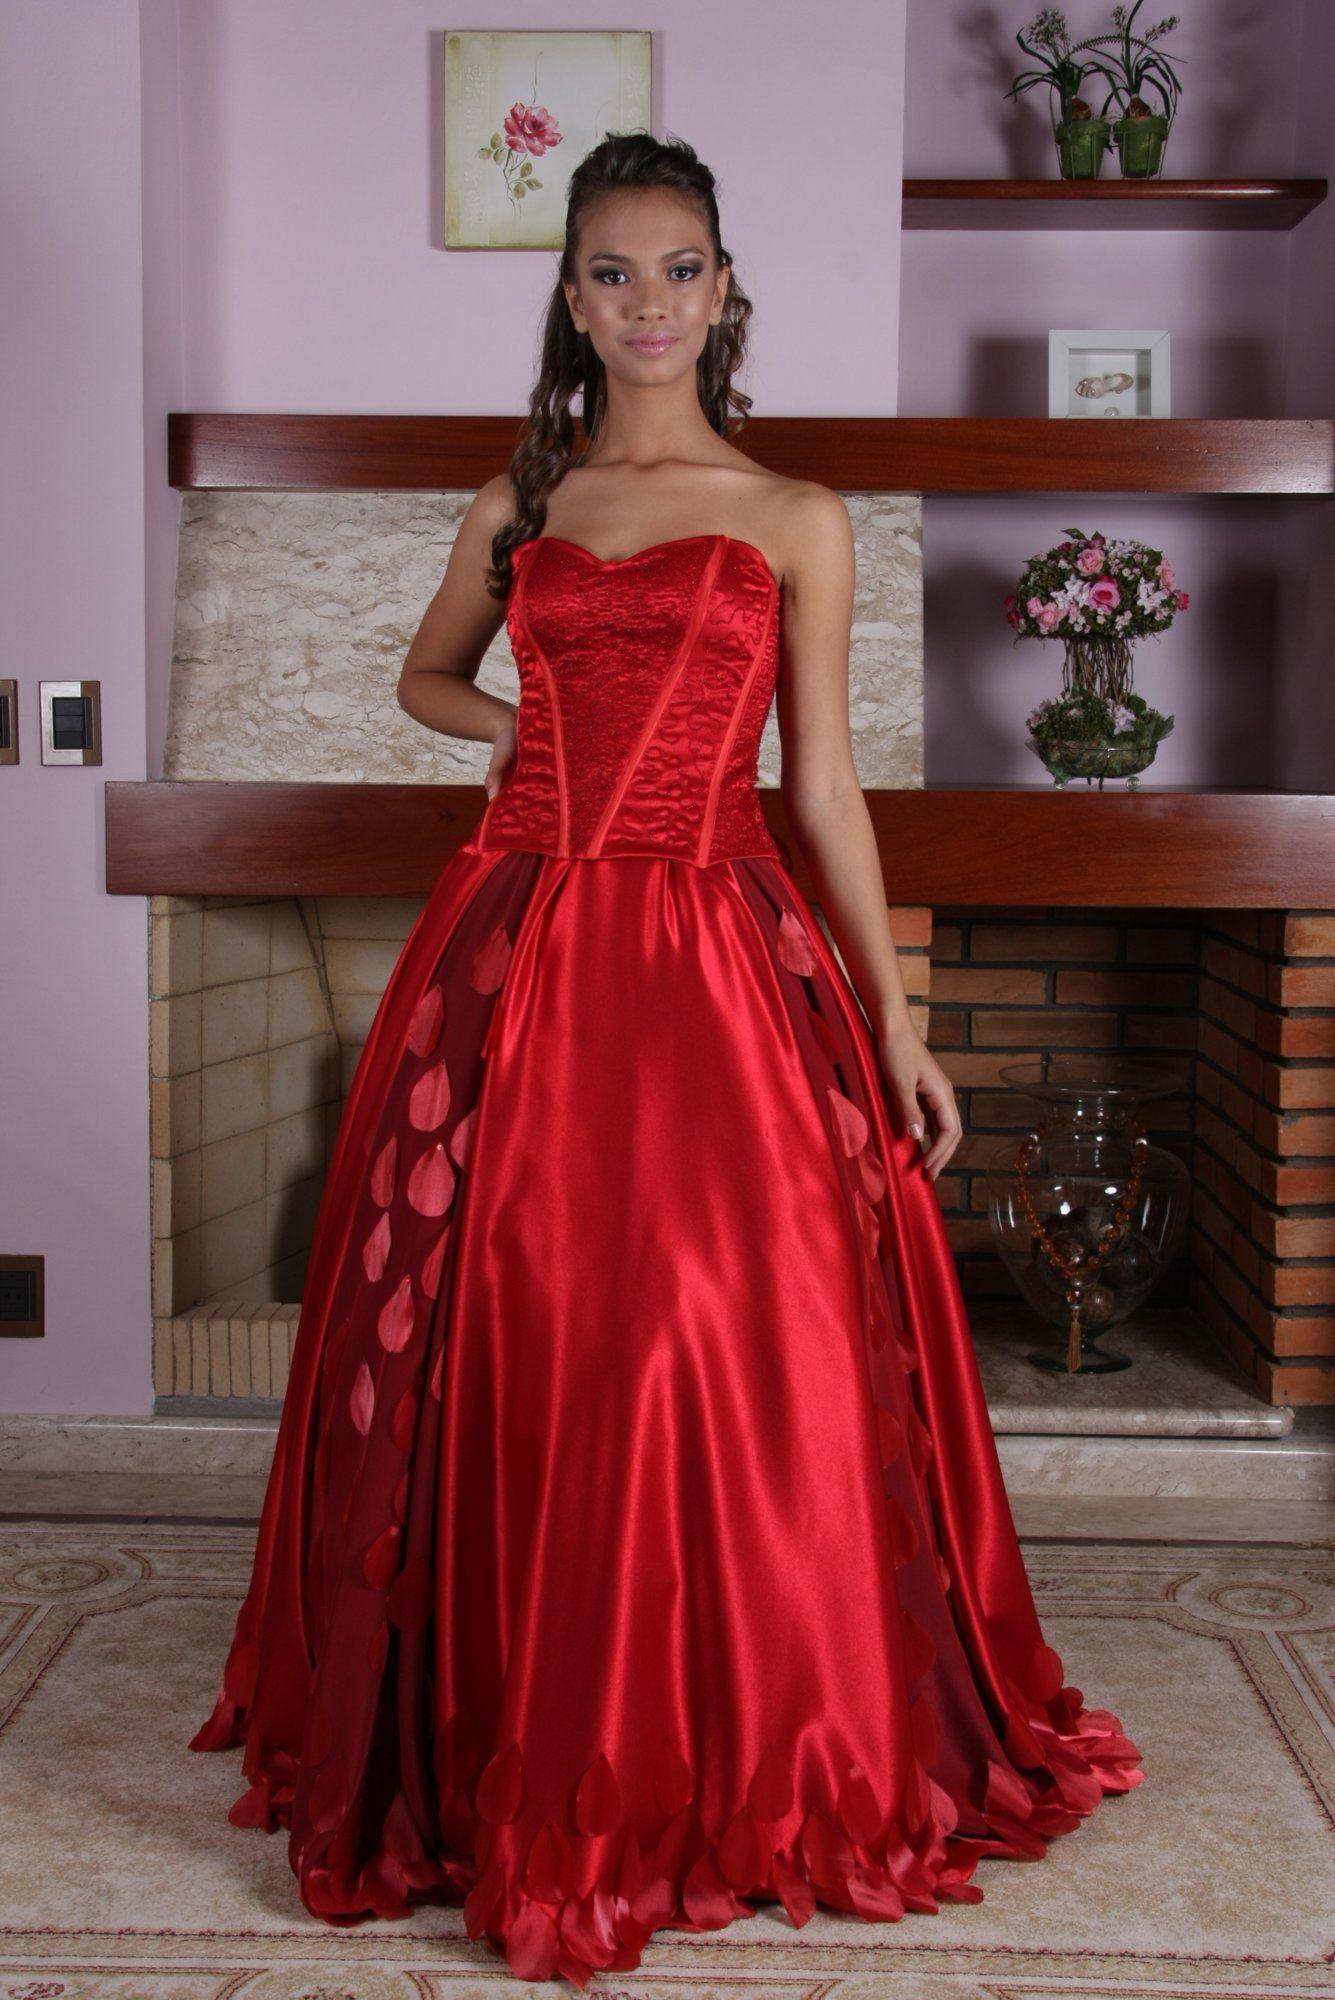 Vestido de Debutante Vermelho - 10 - Hipnose Alta Costura e Spa para Noivas e Noivos - Campinas - SP Vestido de Debutante, Vestido de Debutante Vermelho, Hipnose Alta Costura